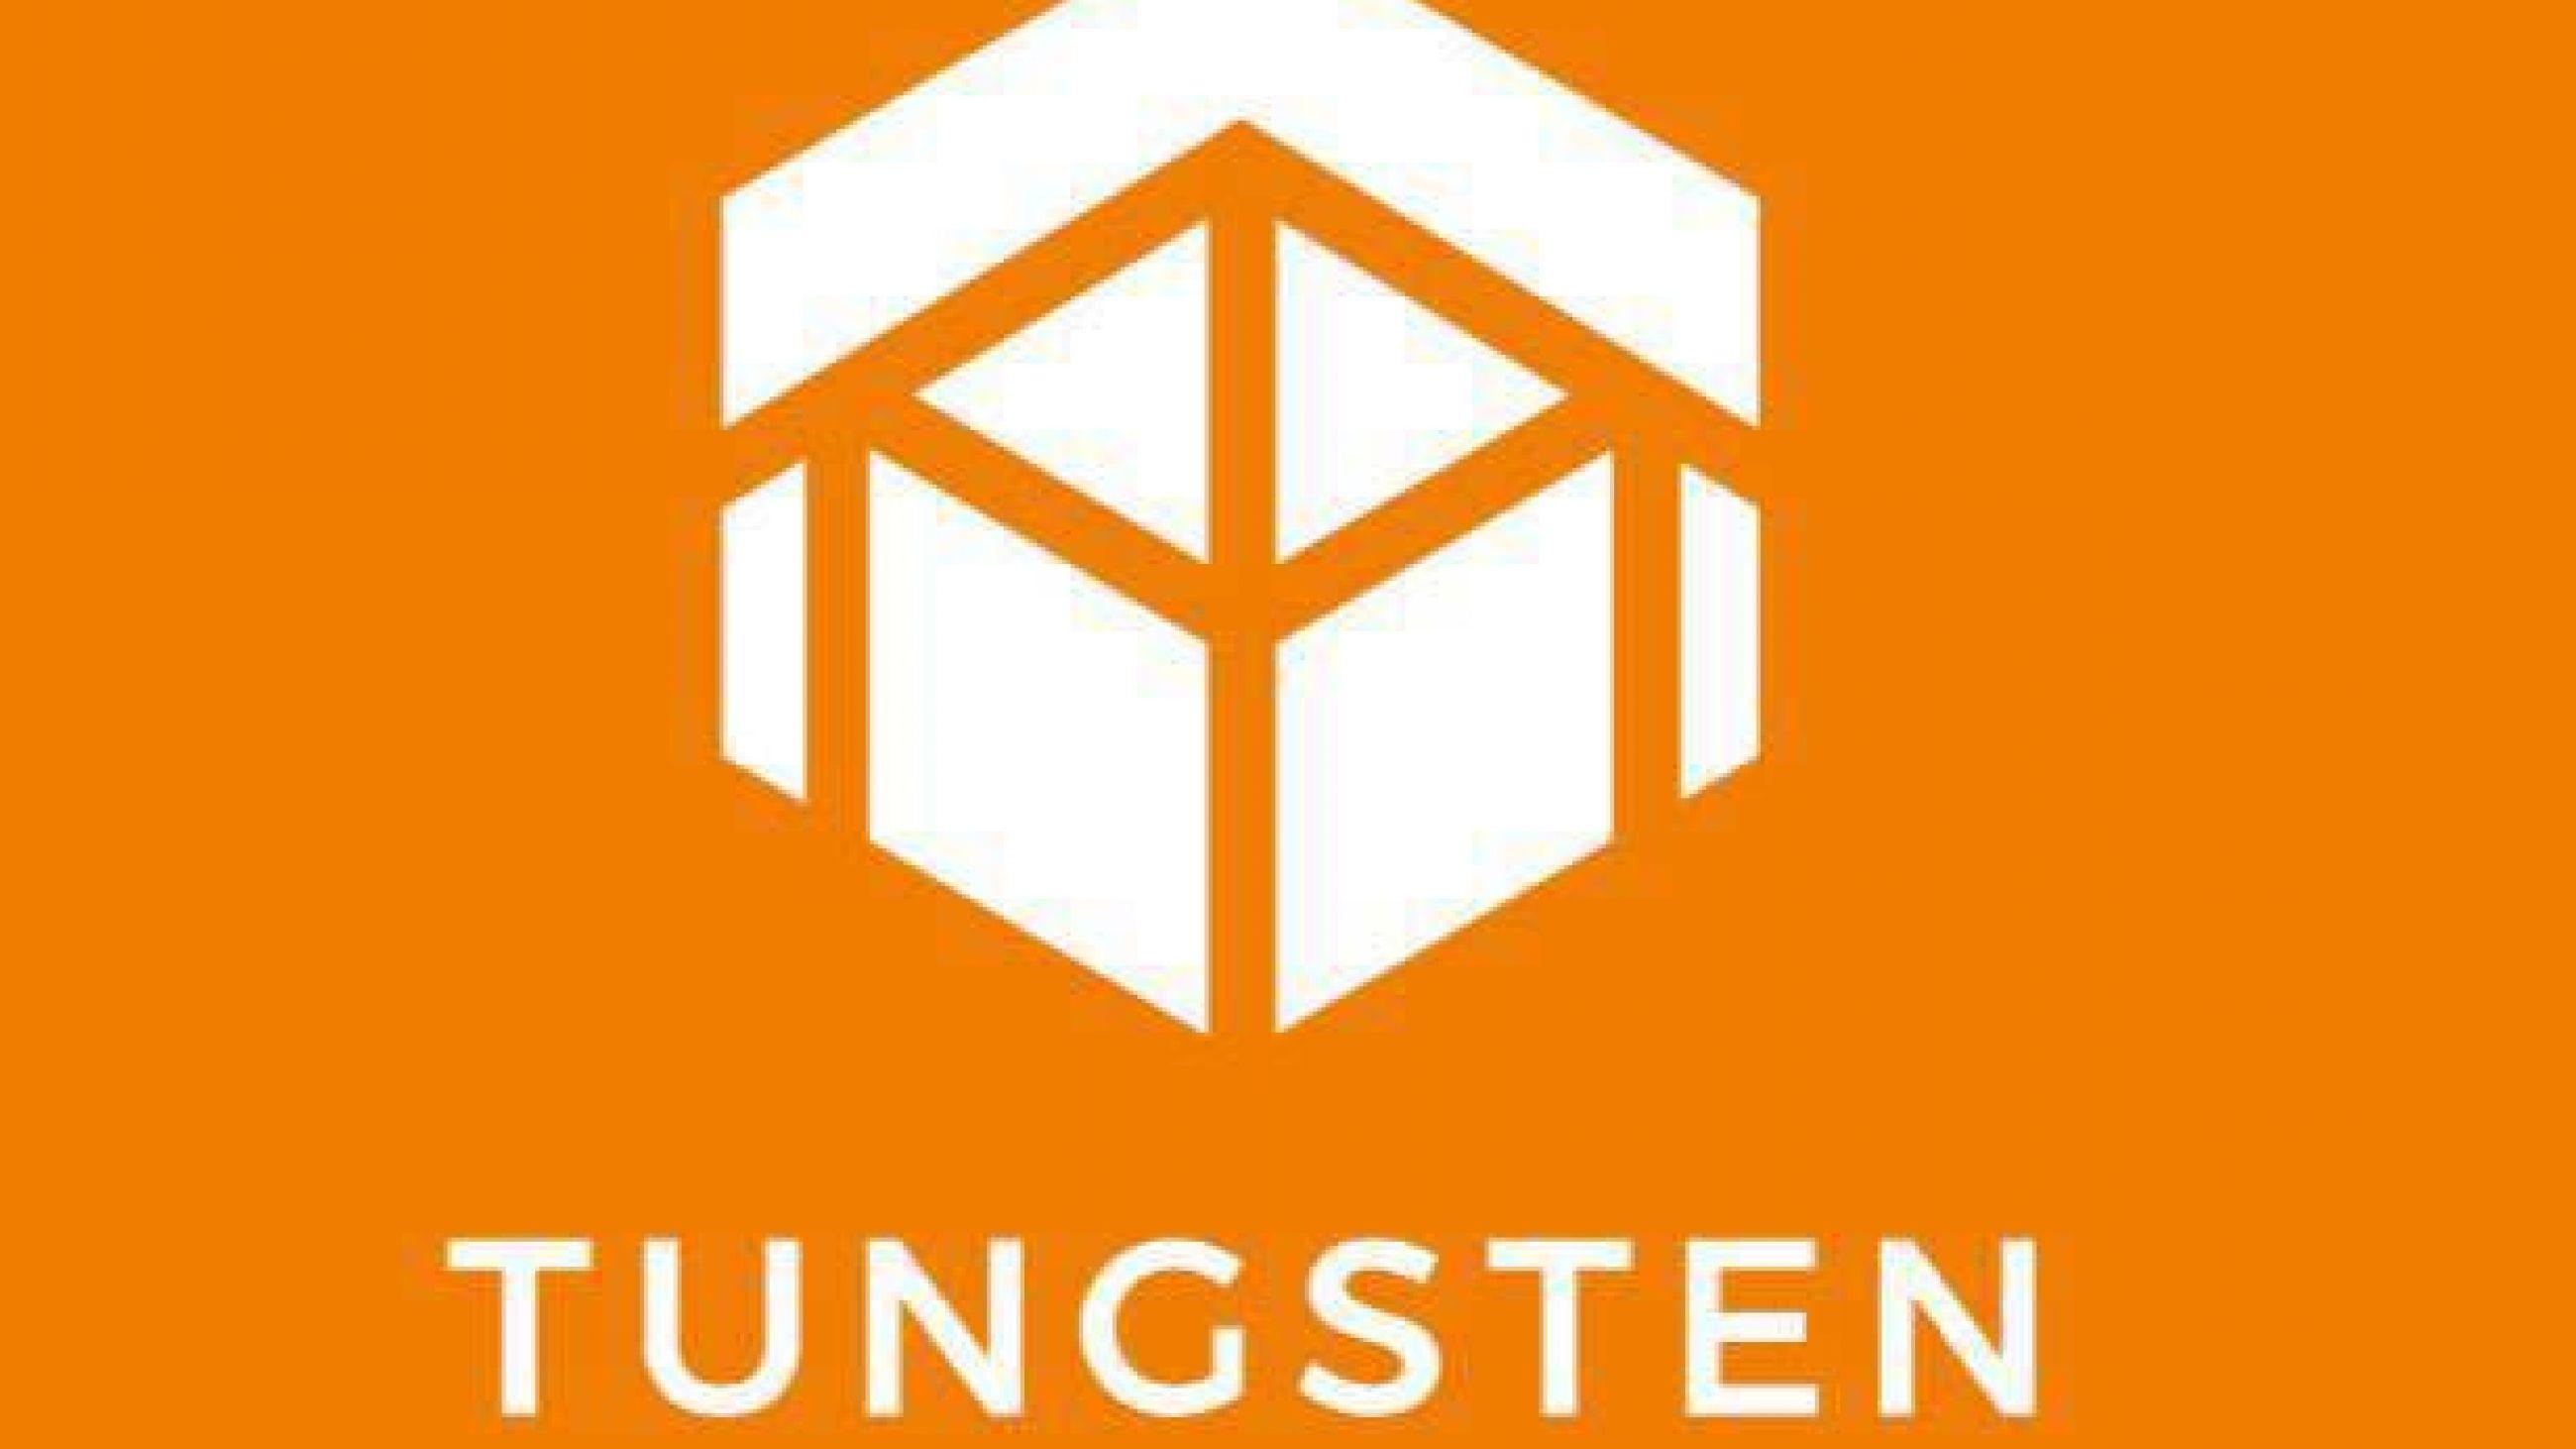 Tungsten Management Group Update Part Twenty